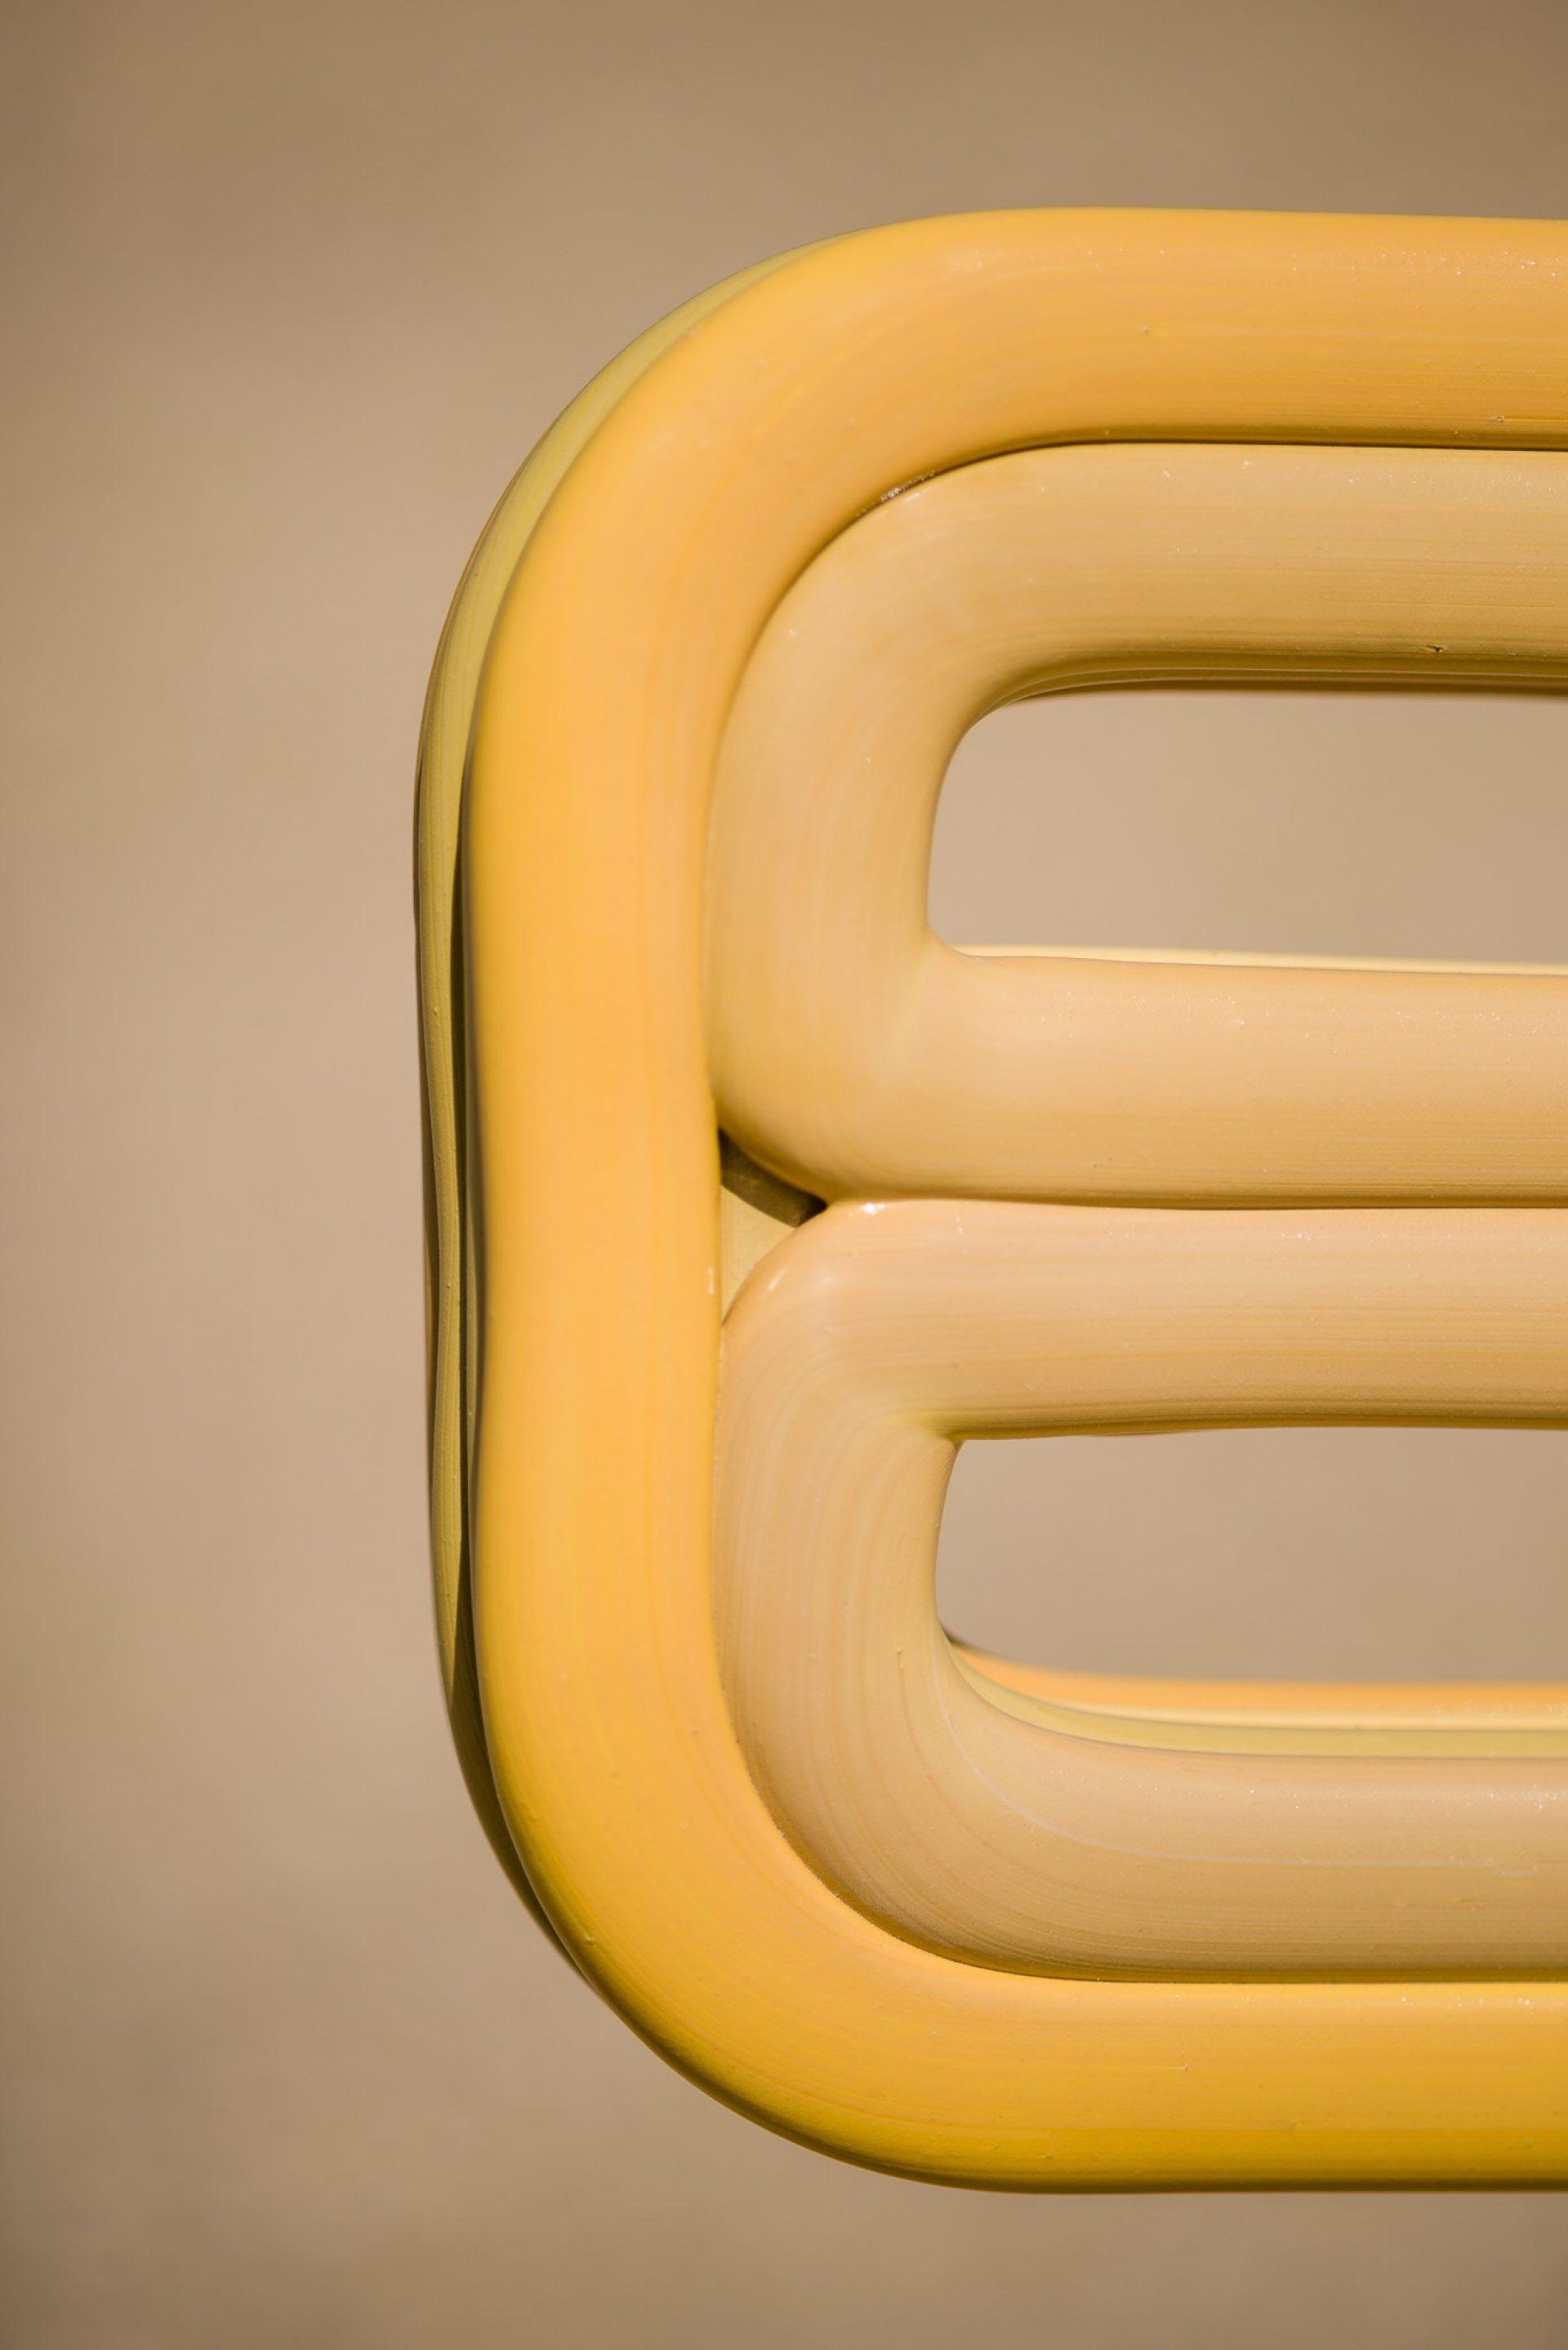 Kooij Chubby Chair Citrine designed by Dirk van der Kooij